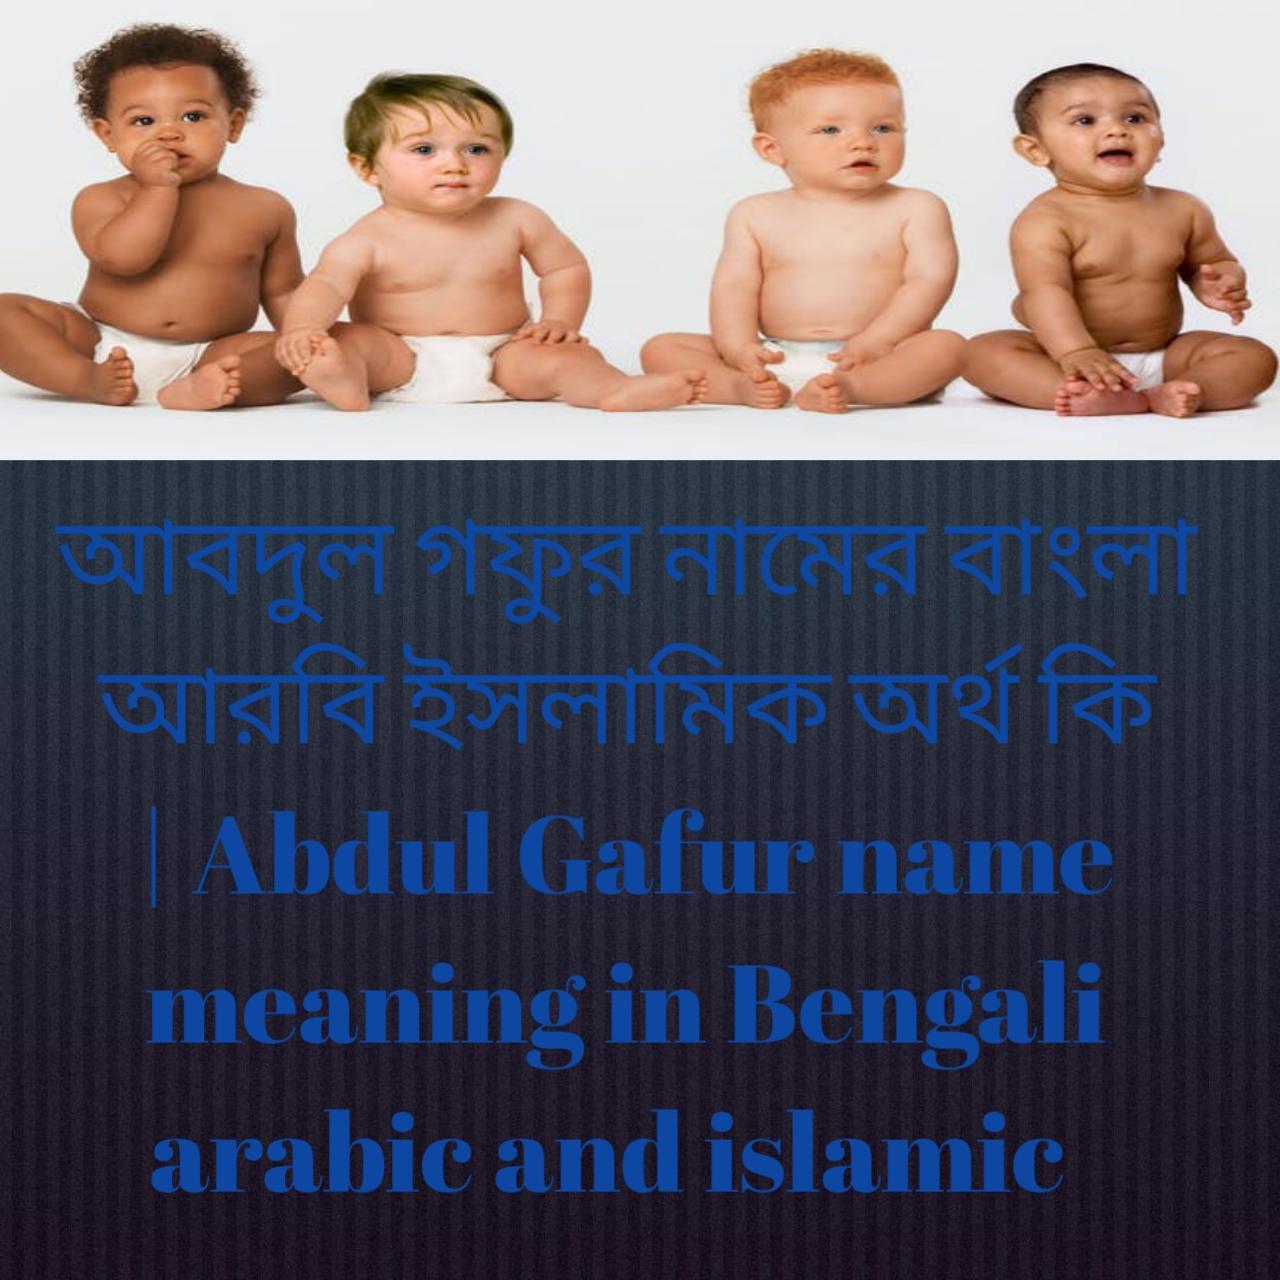 আবদুল গফুর নামের অর্থ কি, আবদুল গফুর নামের বাংলা অর্থ কি, আবদুল গফুর নামের ইসলামিক অর্থ কি, Abdul Gafur name meaning in Bengali, আবদুল গফুর কি ইসলামিক নাম,